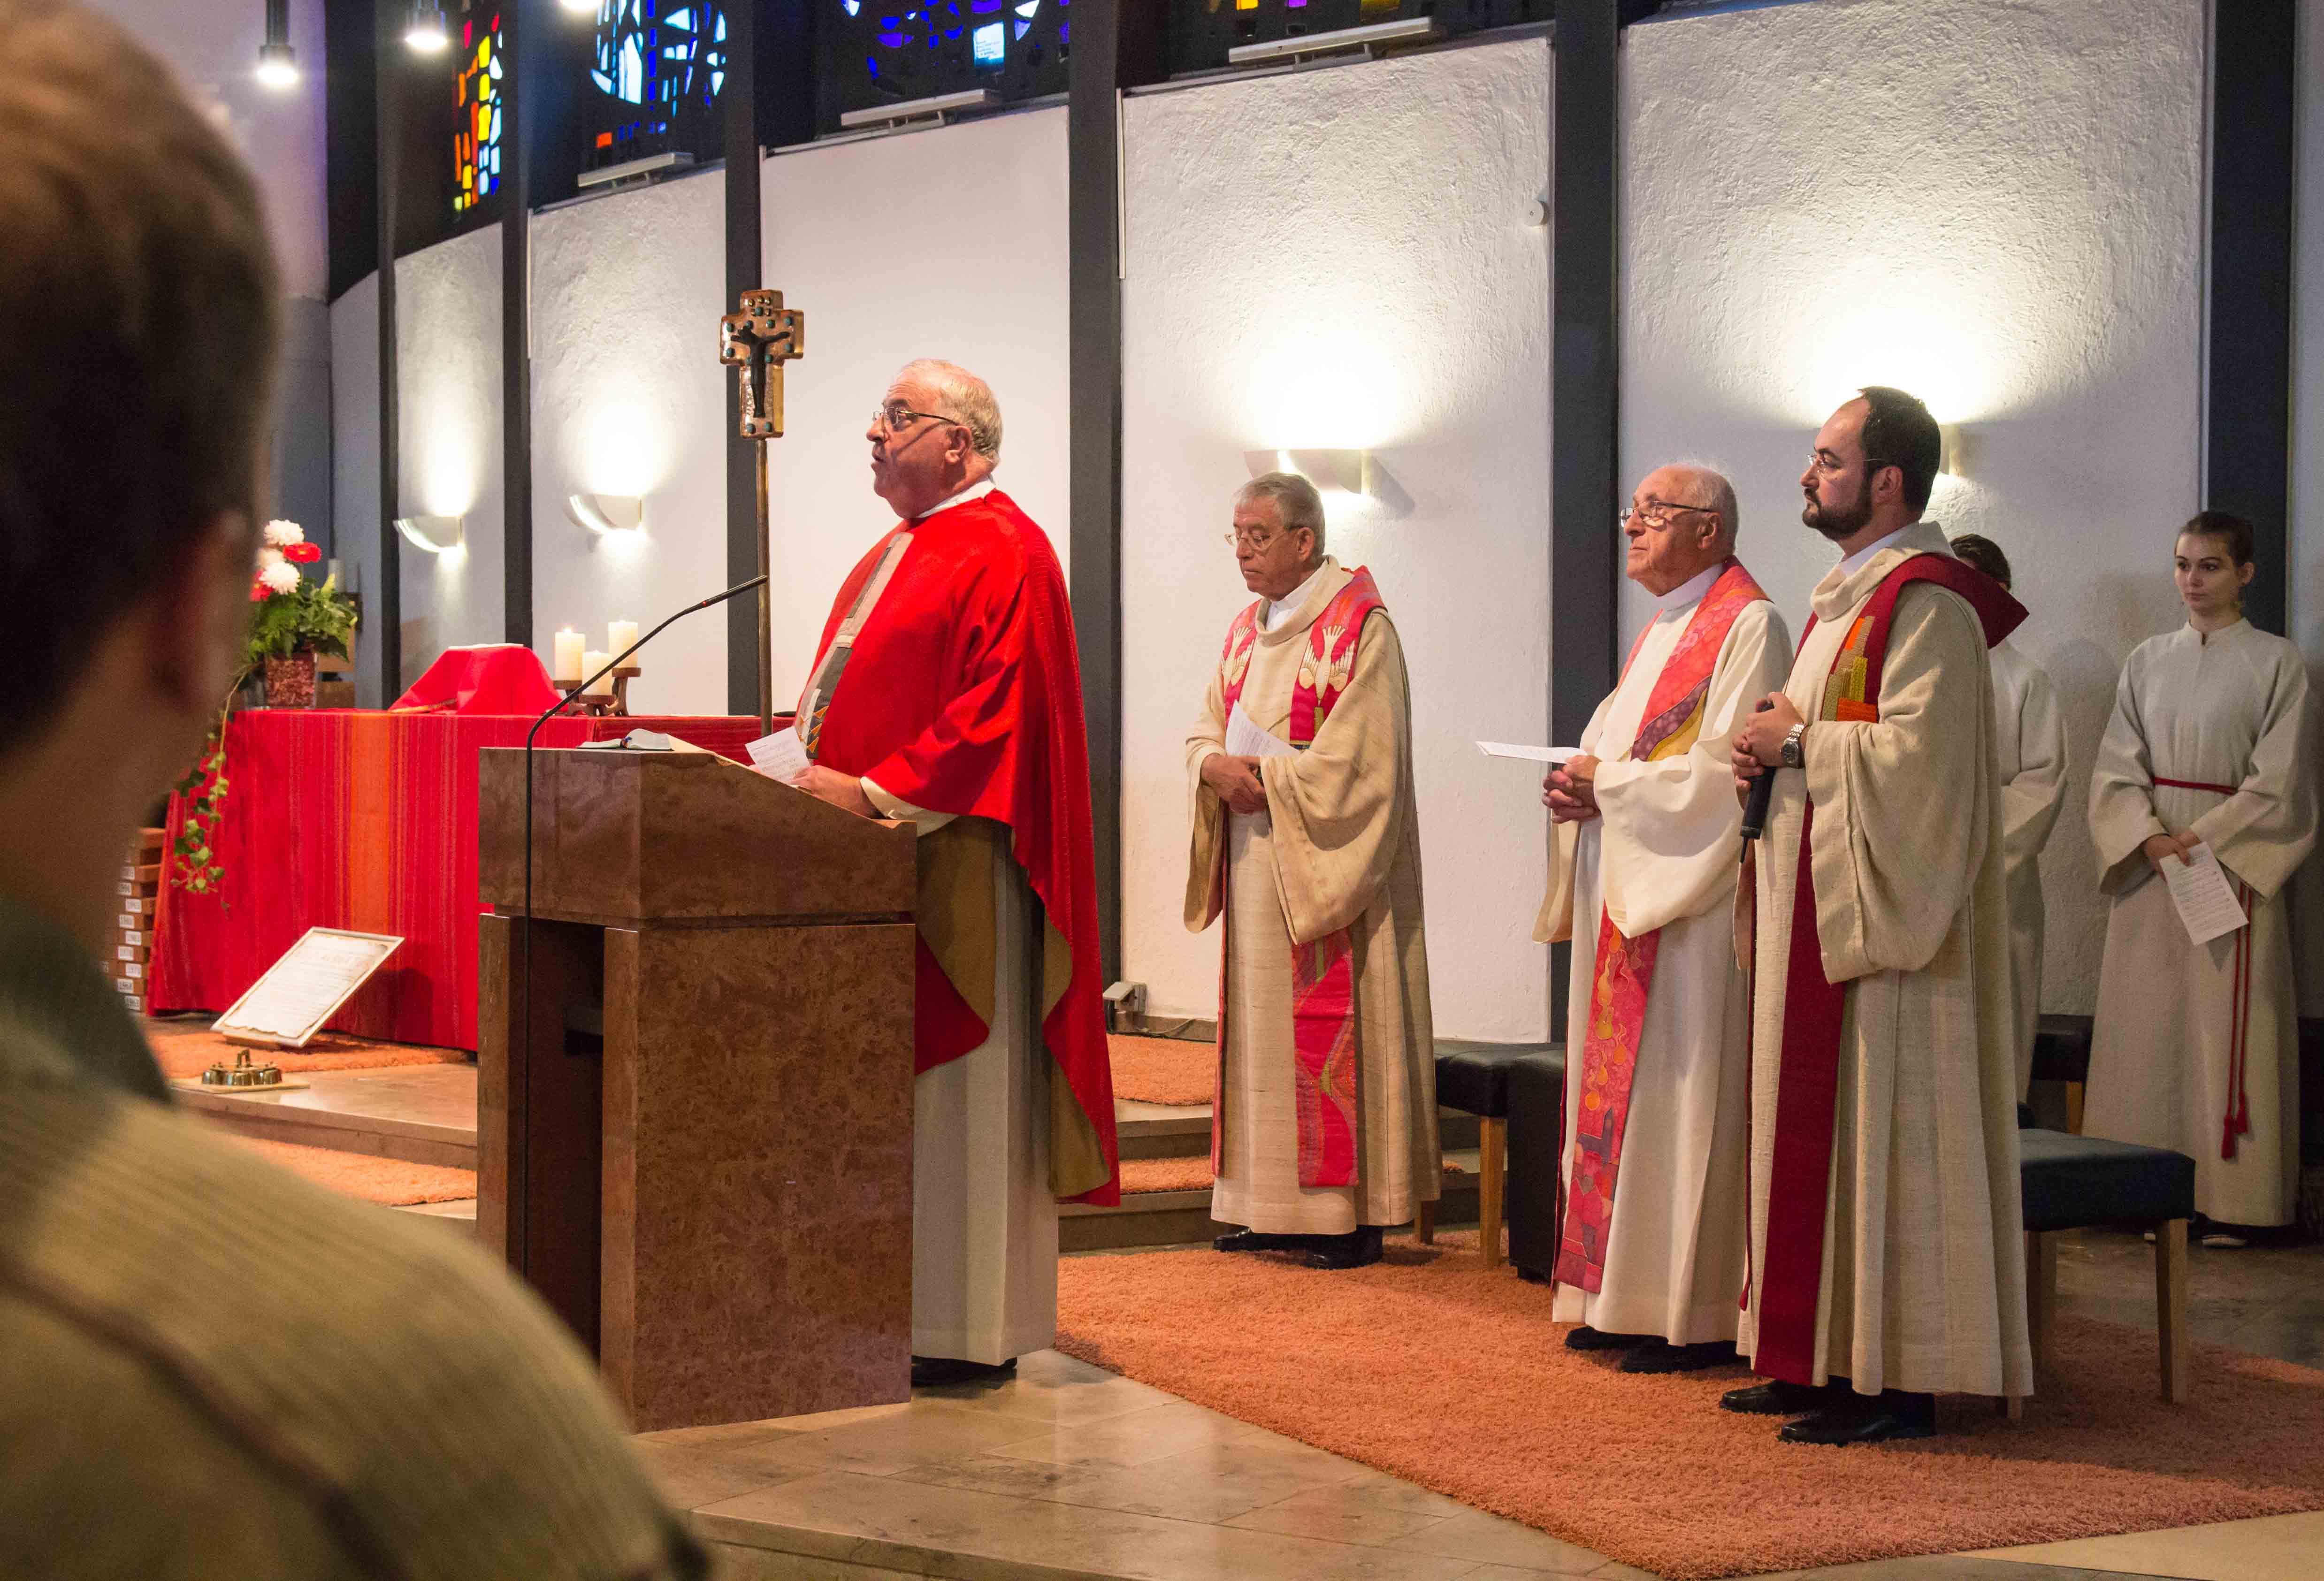 Messe zum 55jährigen Jubiläum in Heilig Kreuz Bensheim